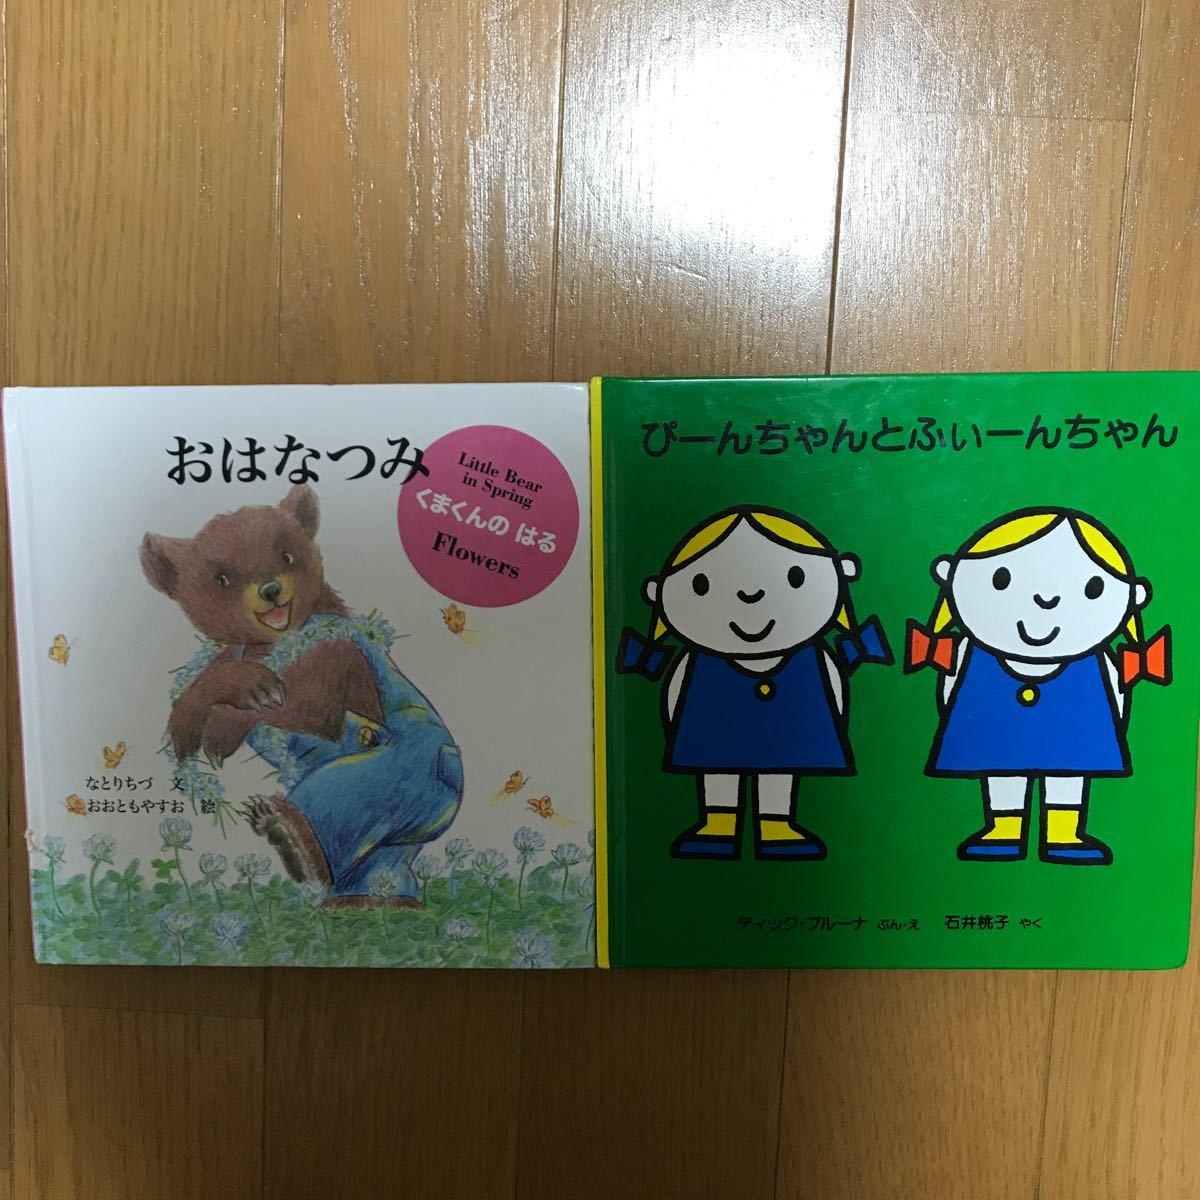 ブルーナ絵本「ぴーんちゃんとふぃーんちゃん」、なとりちづ「おはなつみ」2冊セット